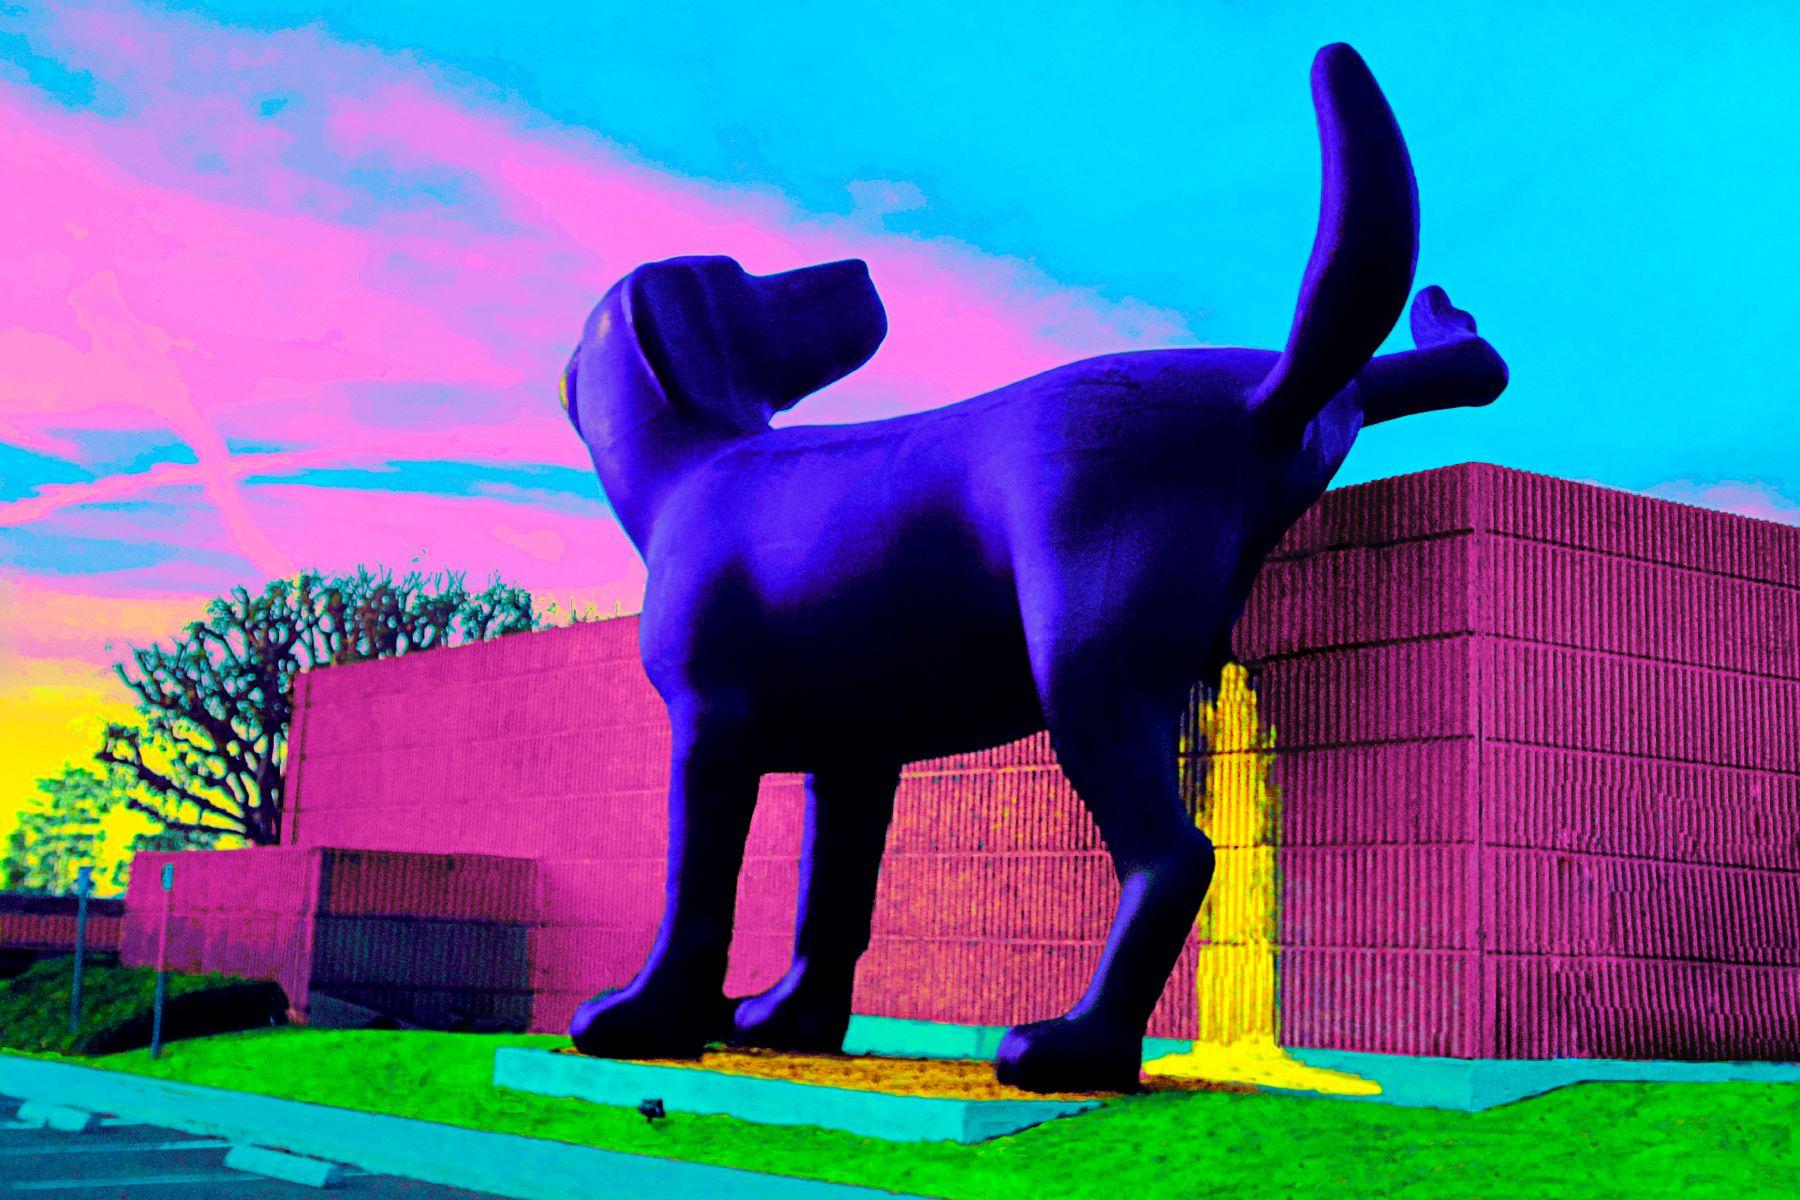 23_0_228_1janegottlieb_purpledogpees_ws.jpg